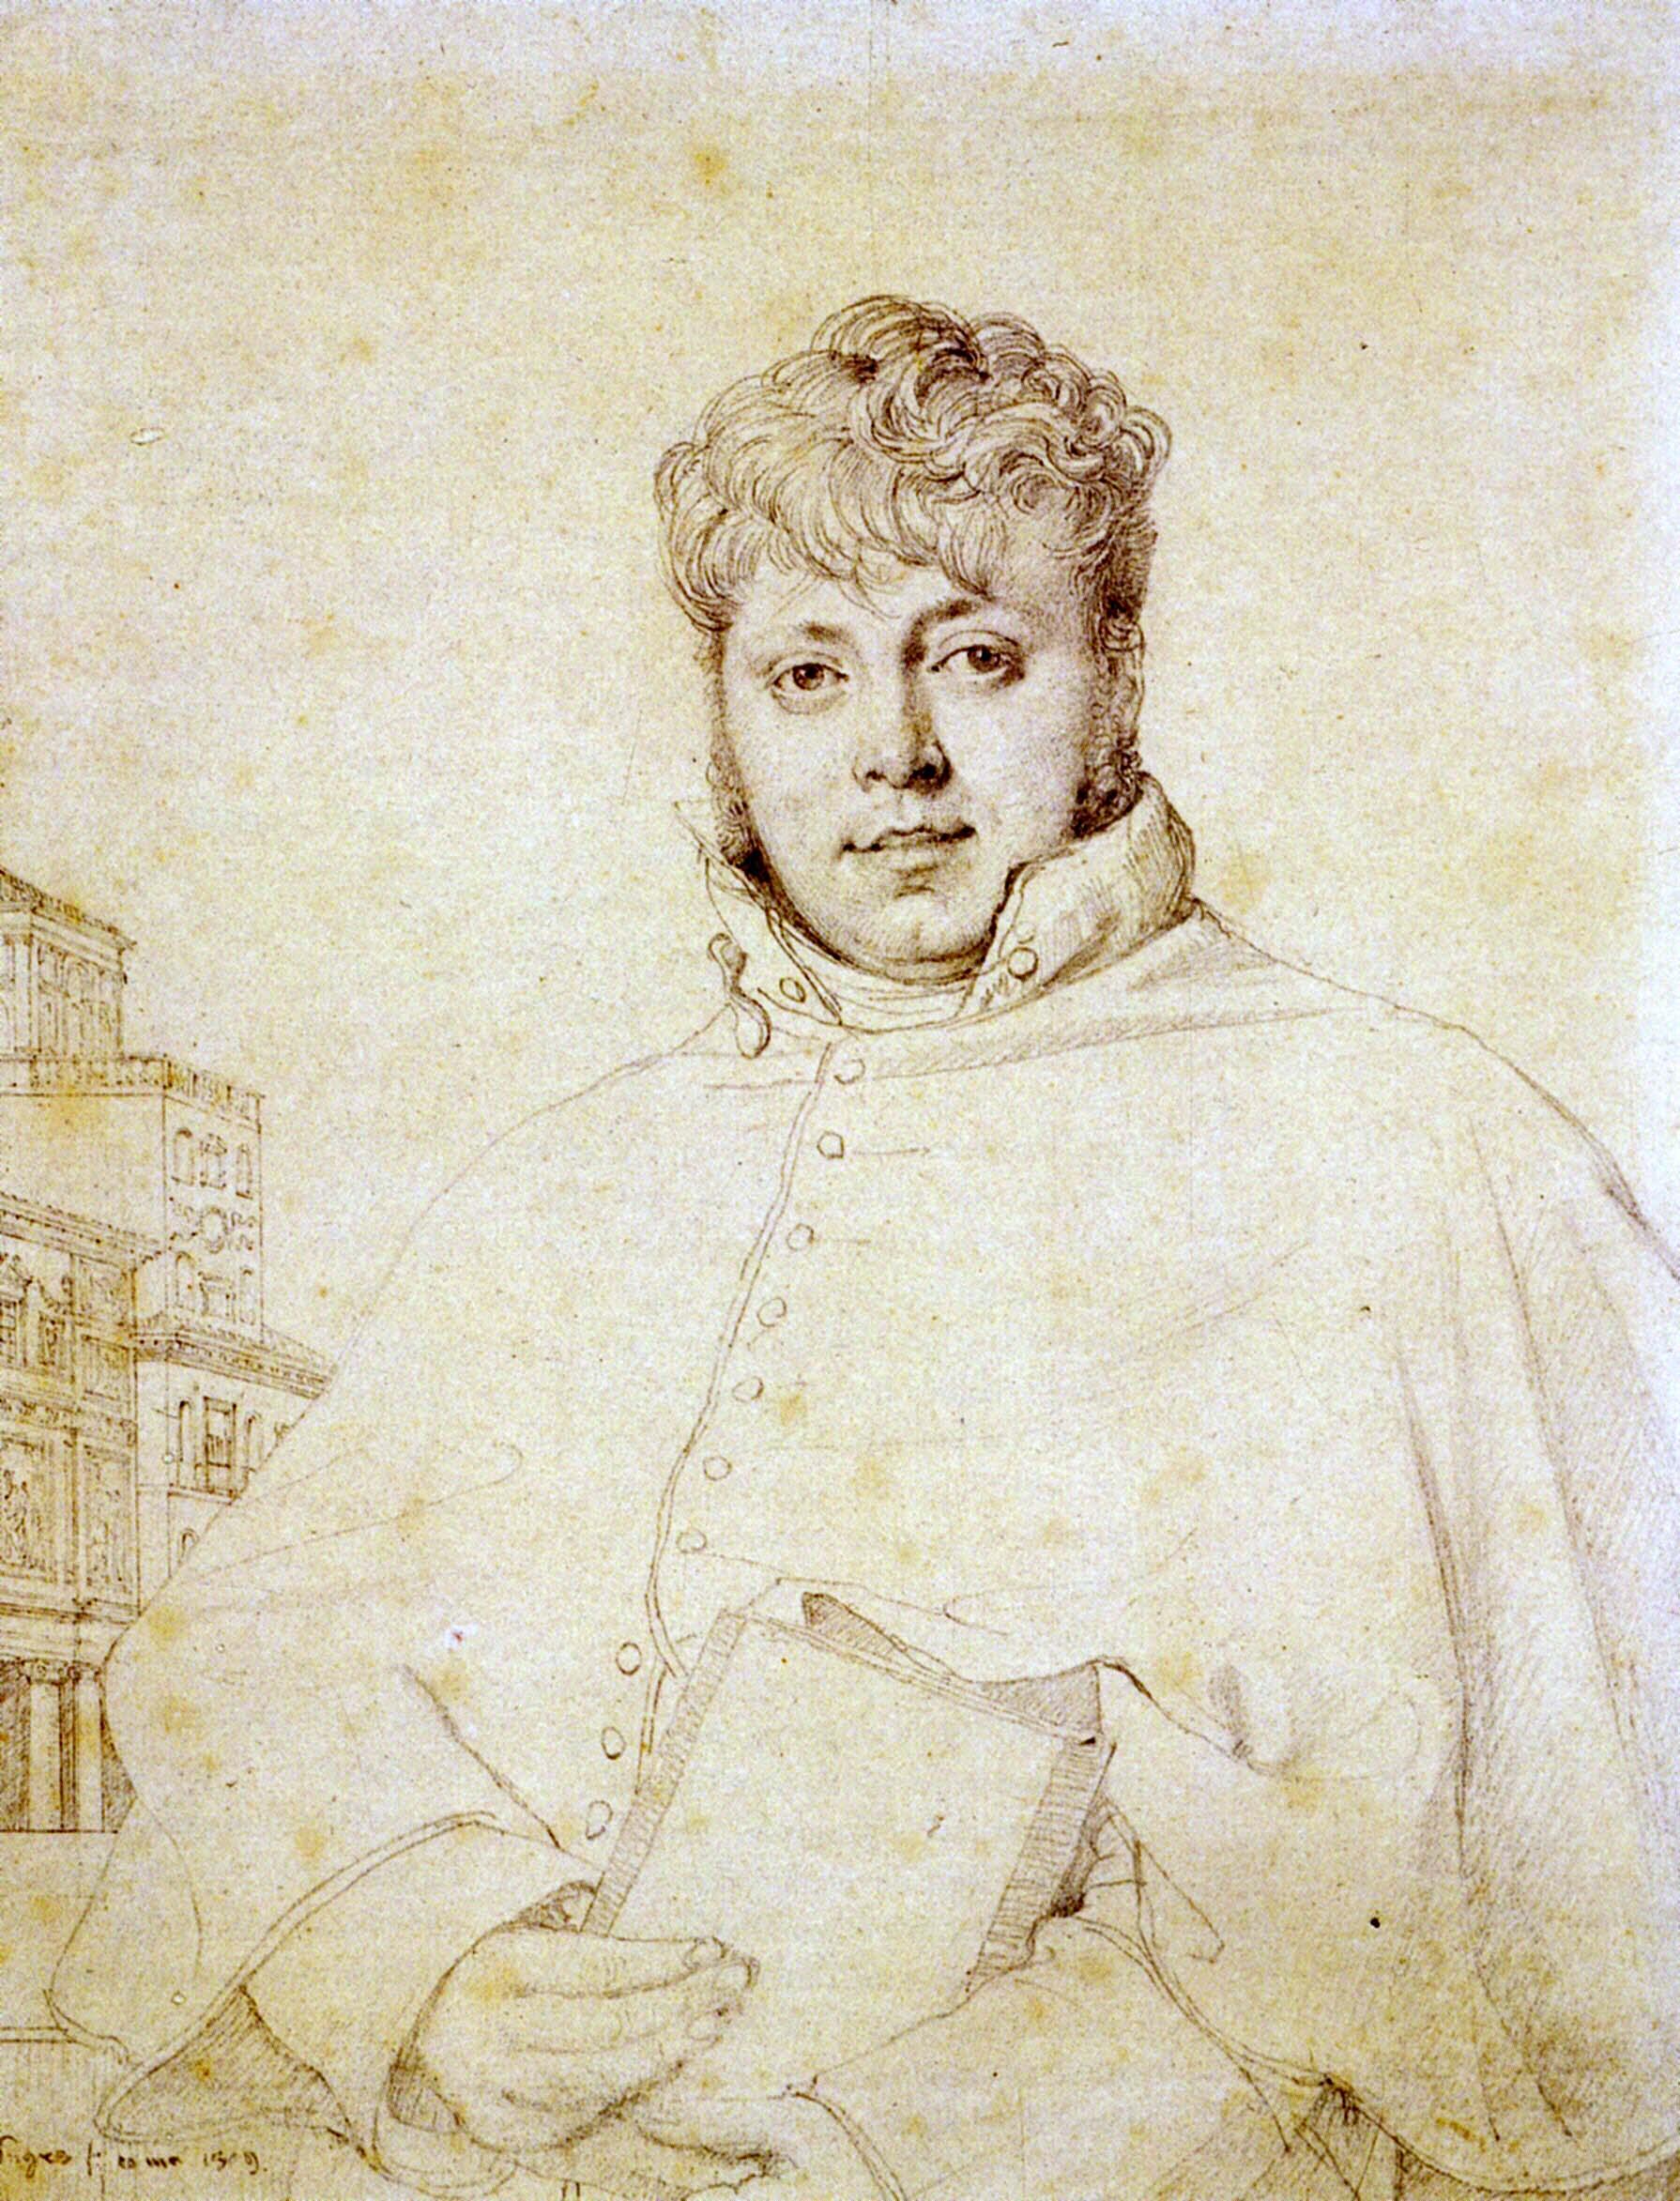 Auguste-Jean-Marie Guénepin, 1809